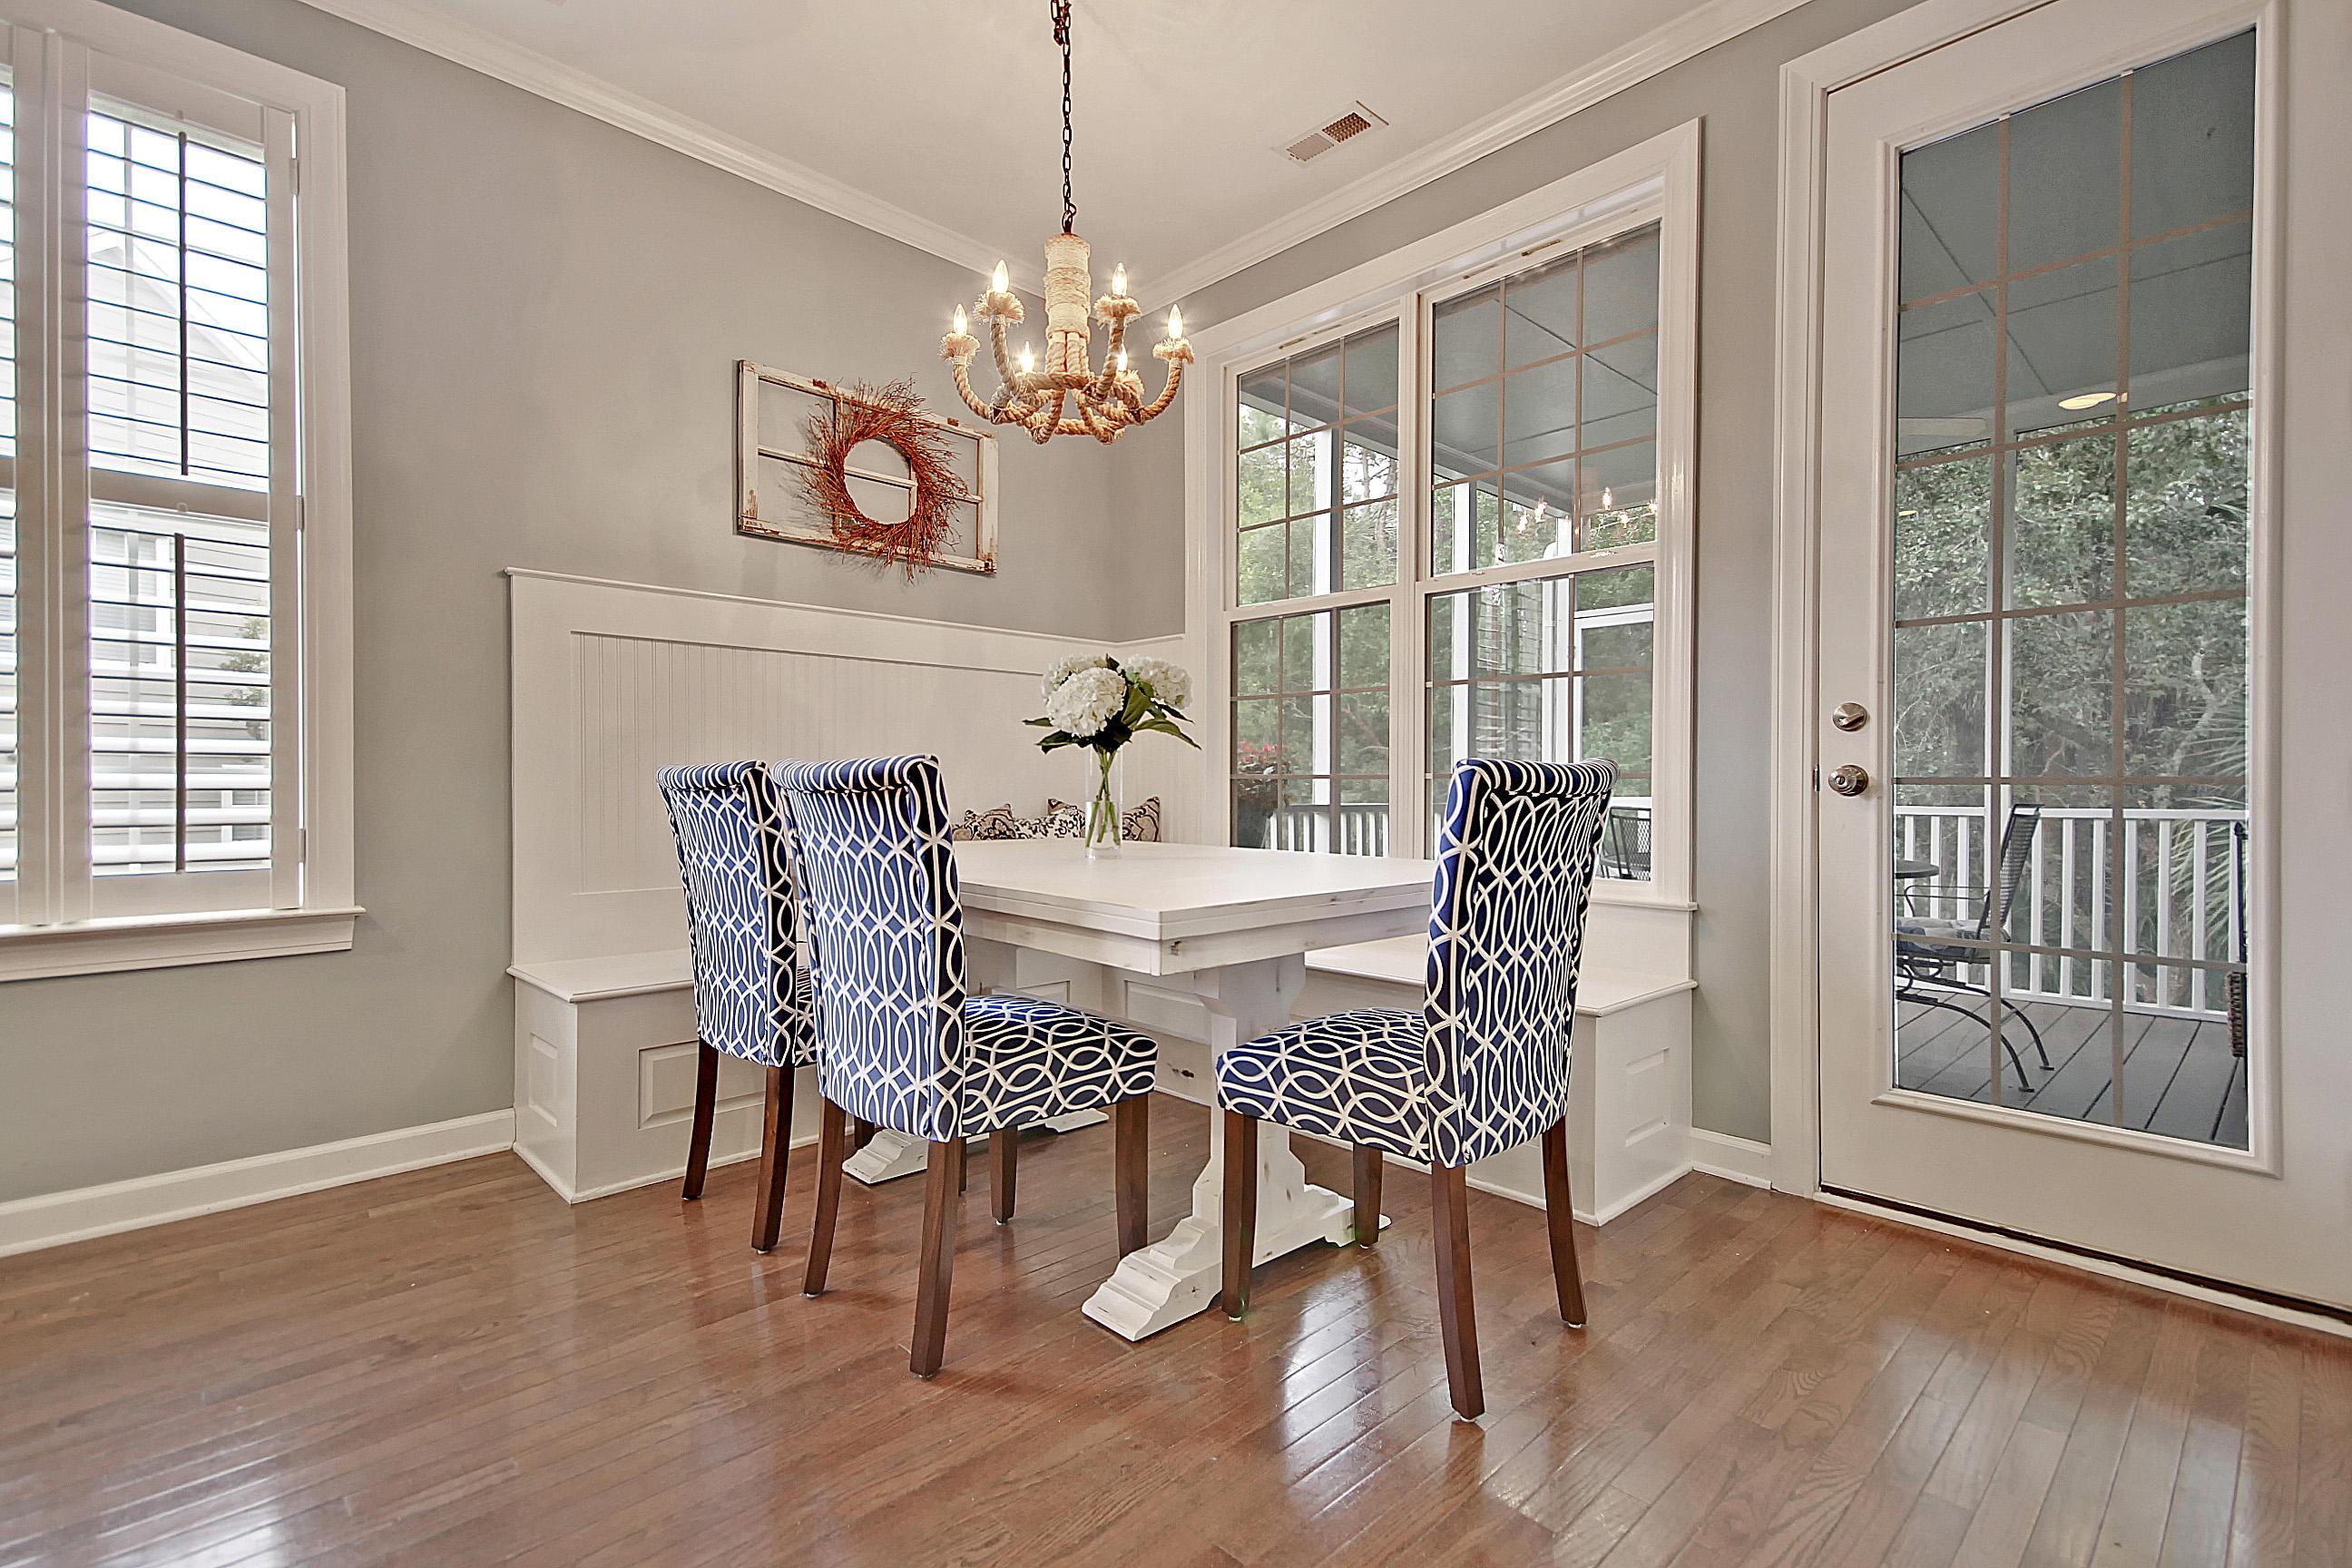 Dunes West Homes For Sale - 3056 Riverwood, Mount Pleasant, SC - 37